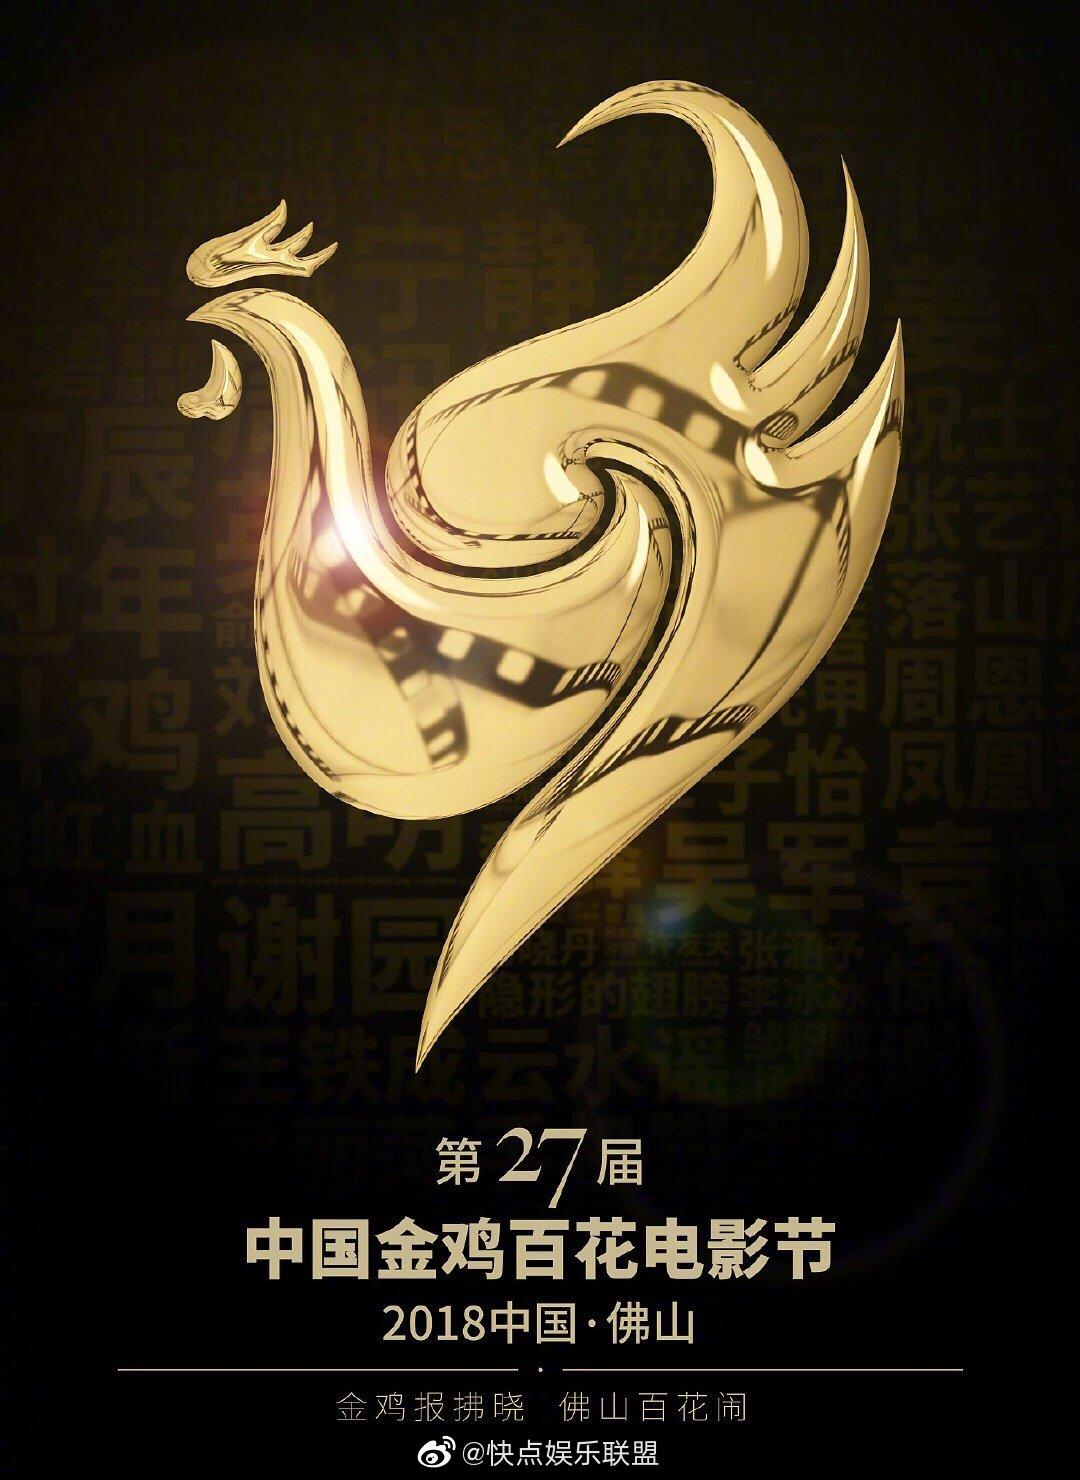 17日,中国电影家协会和厦门市人民政府联合在上海召开新闻发布会